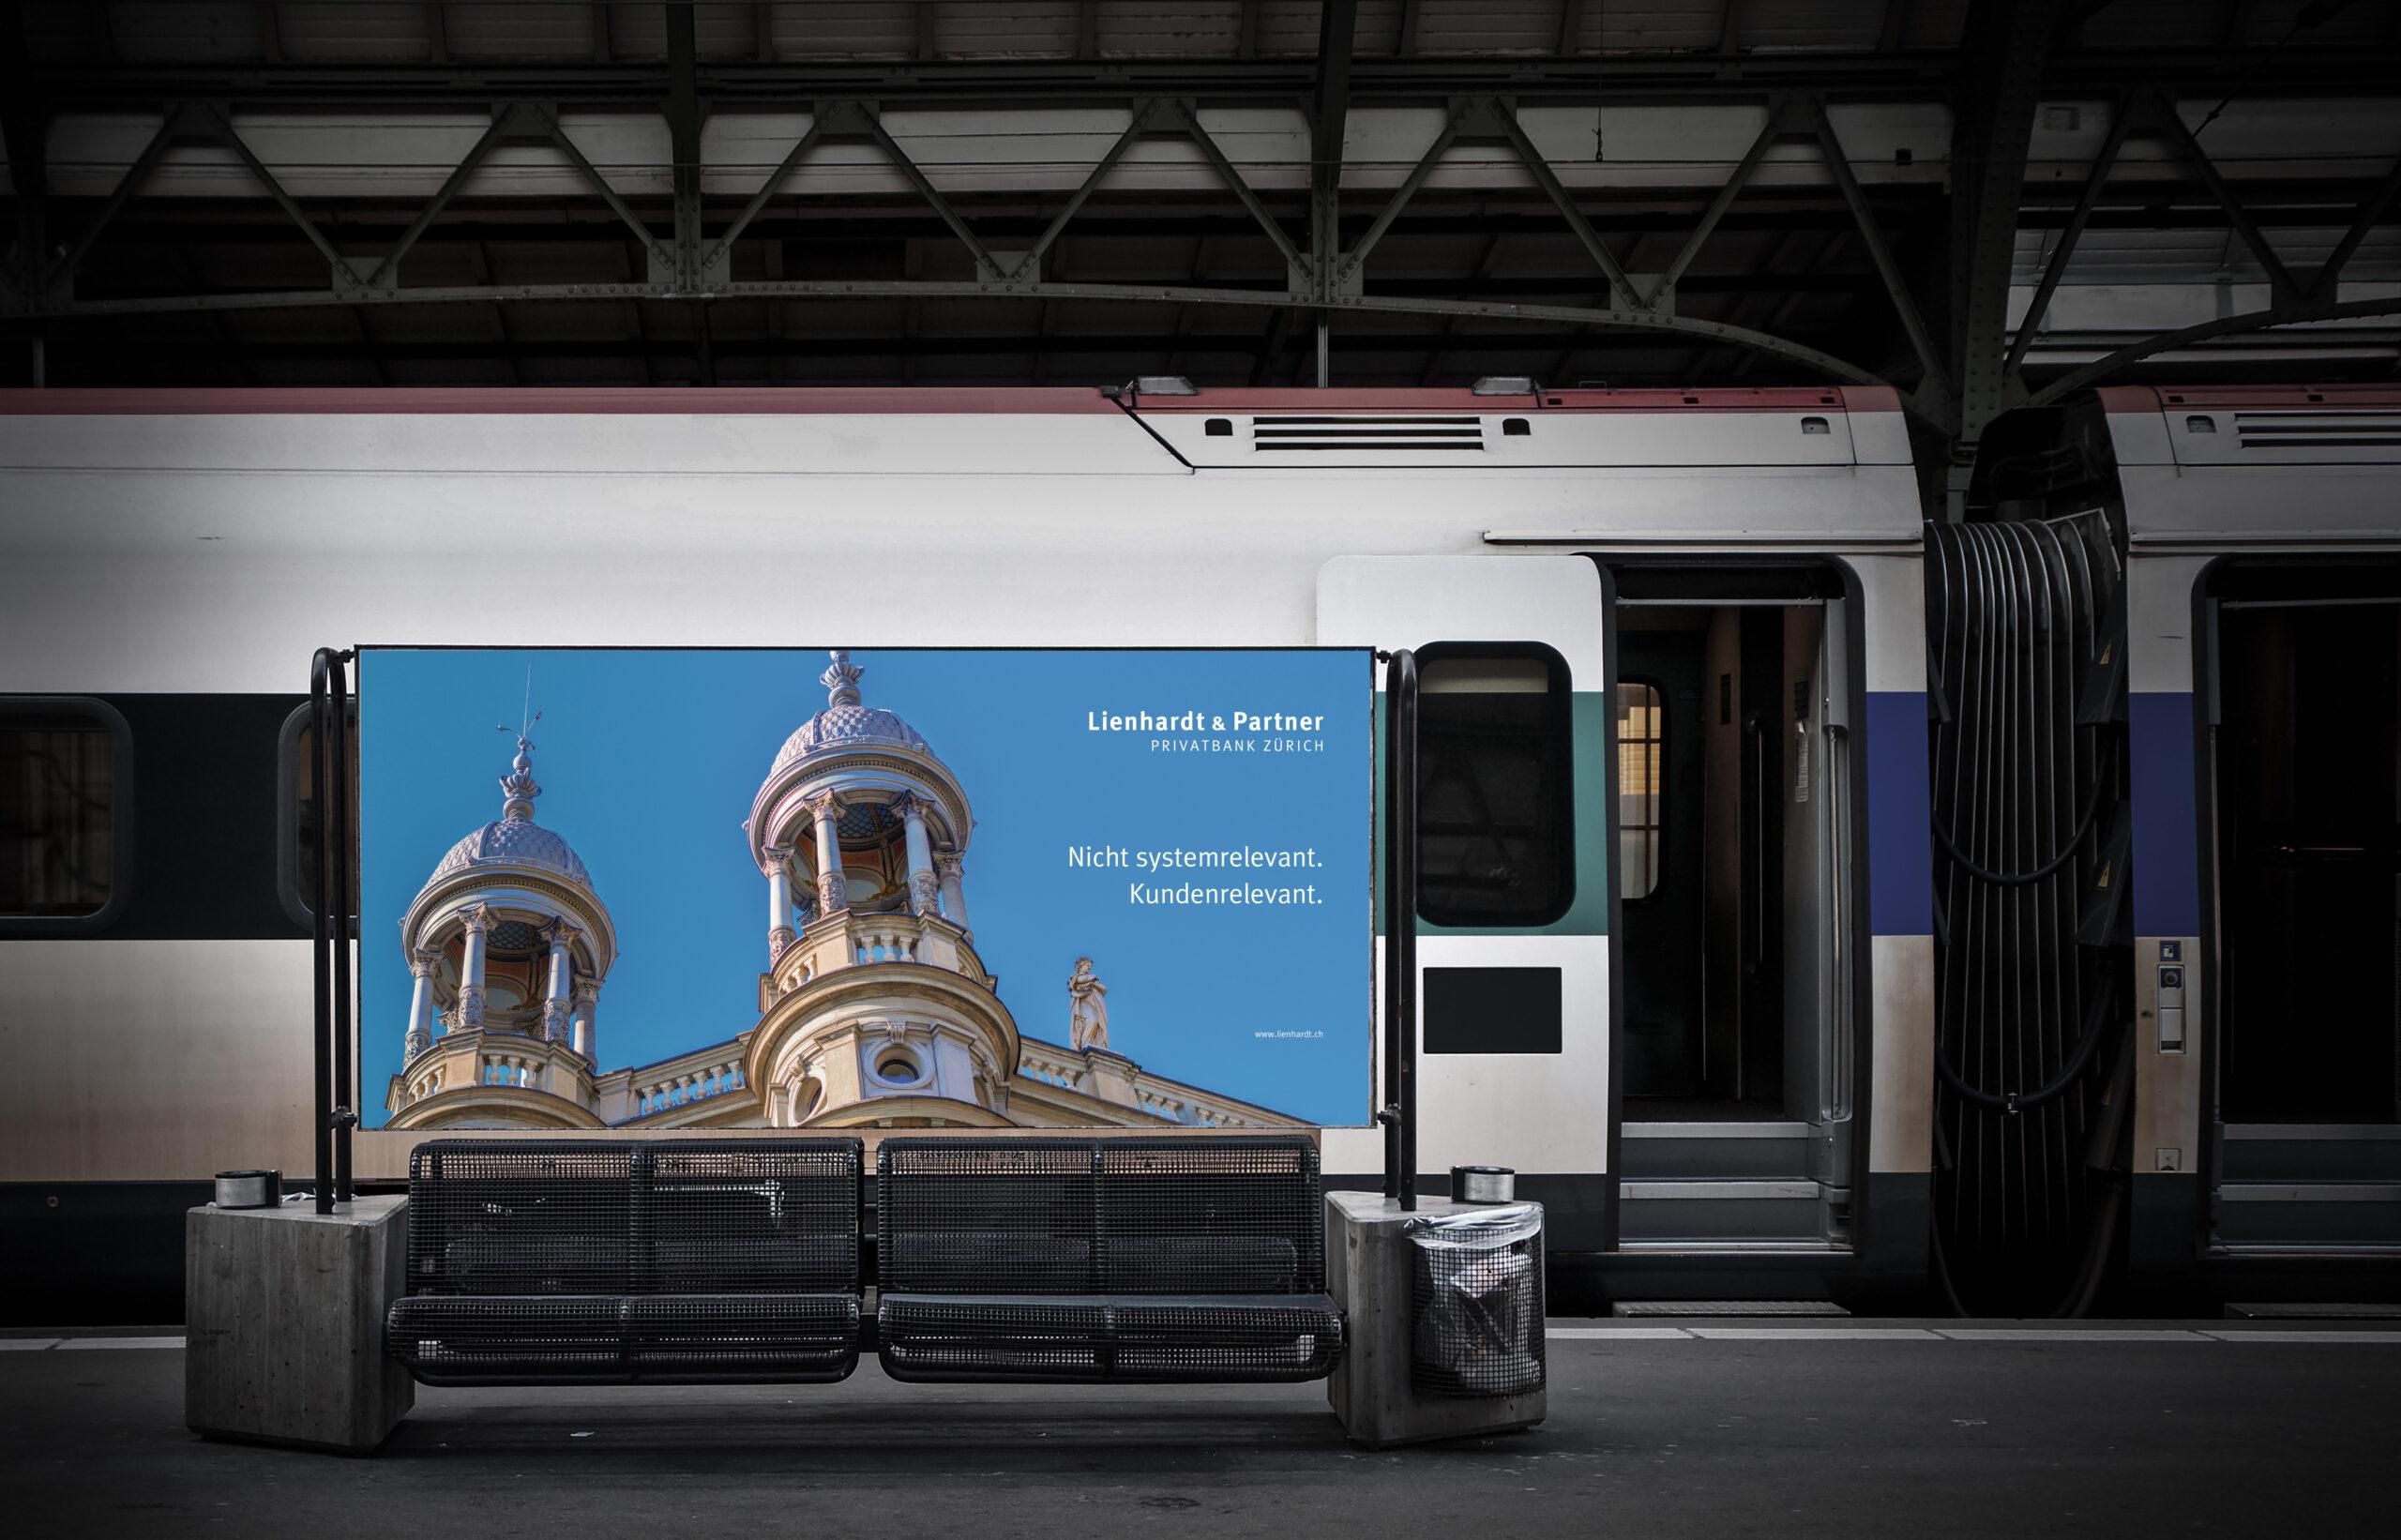 blank billboard in a train station